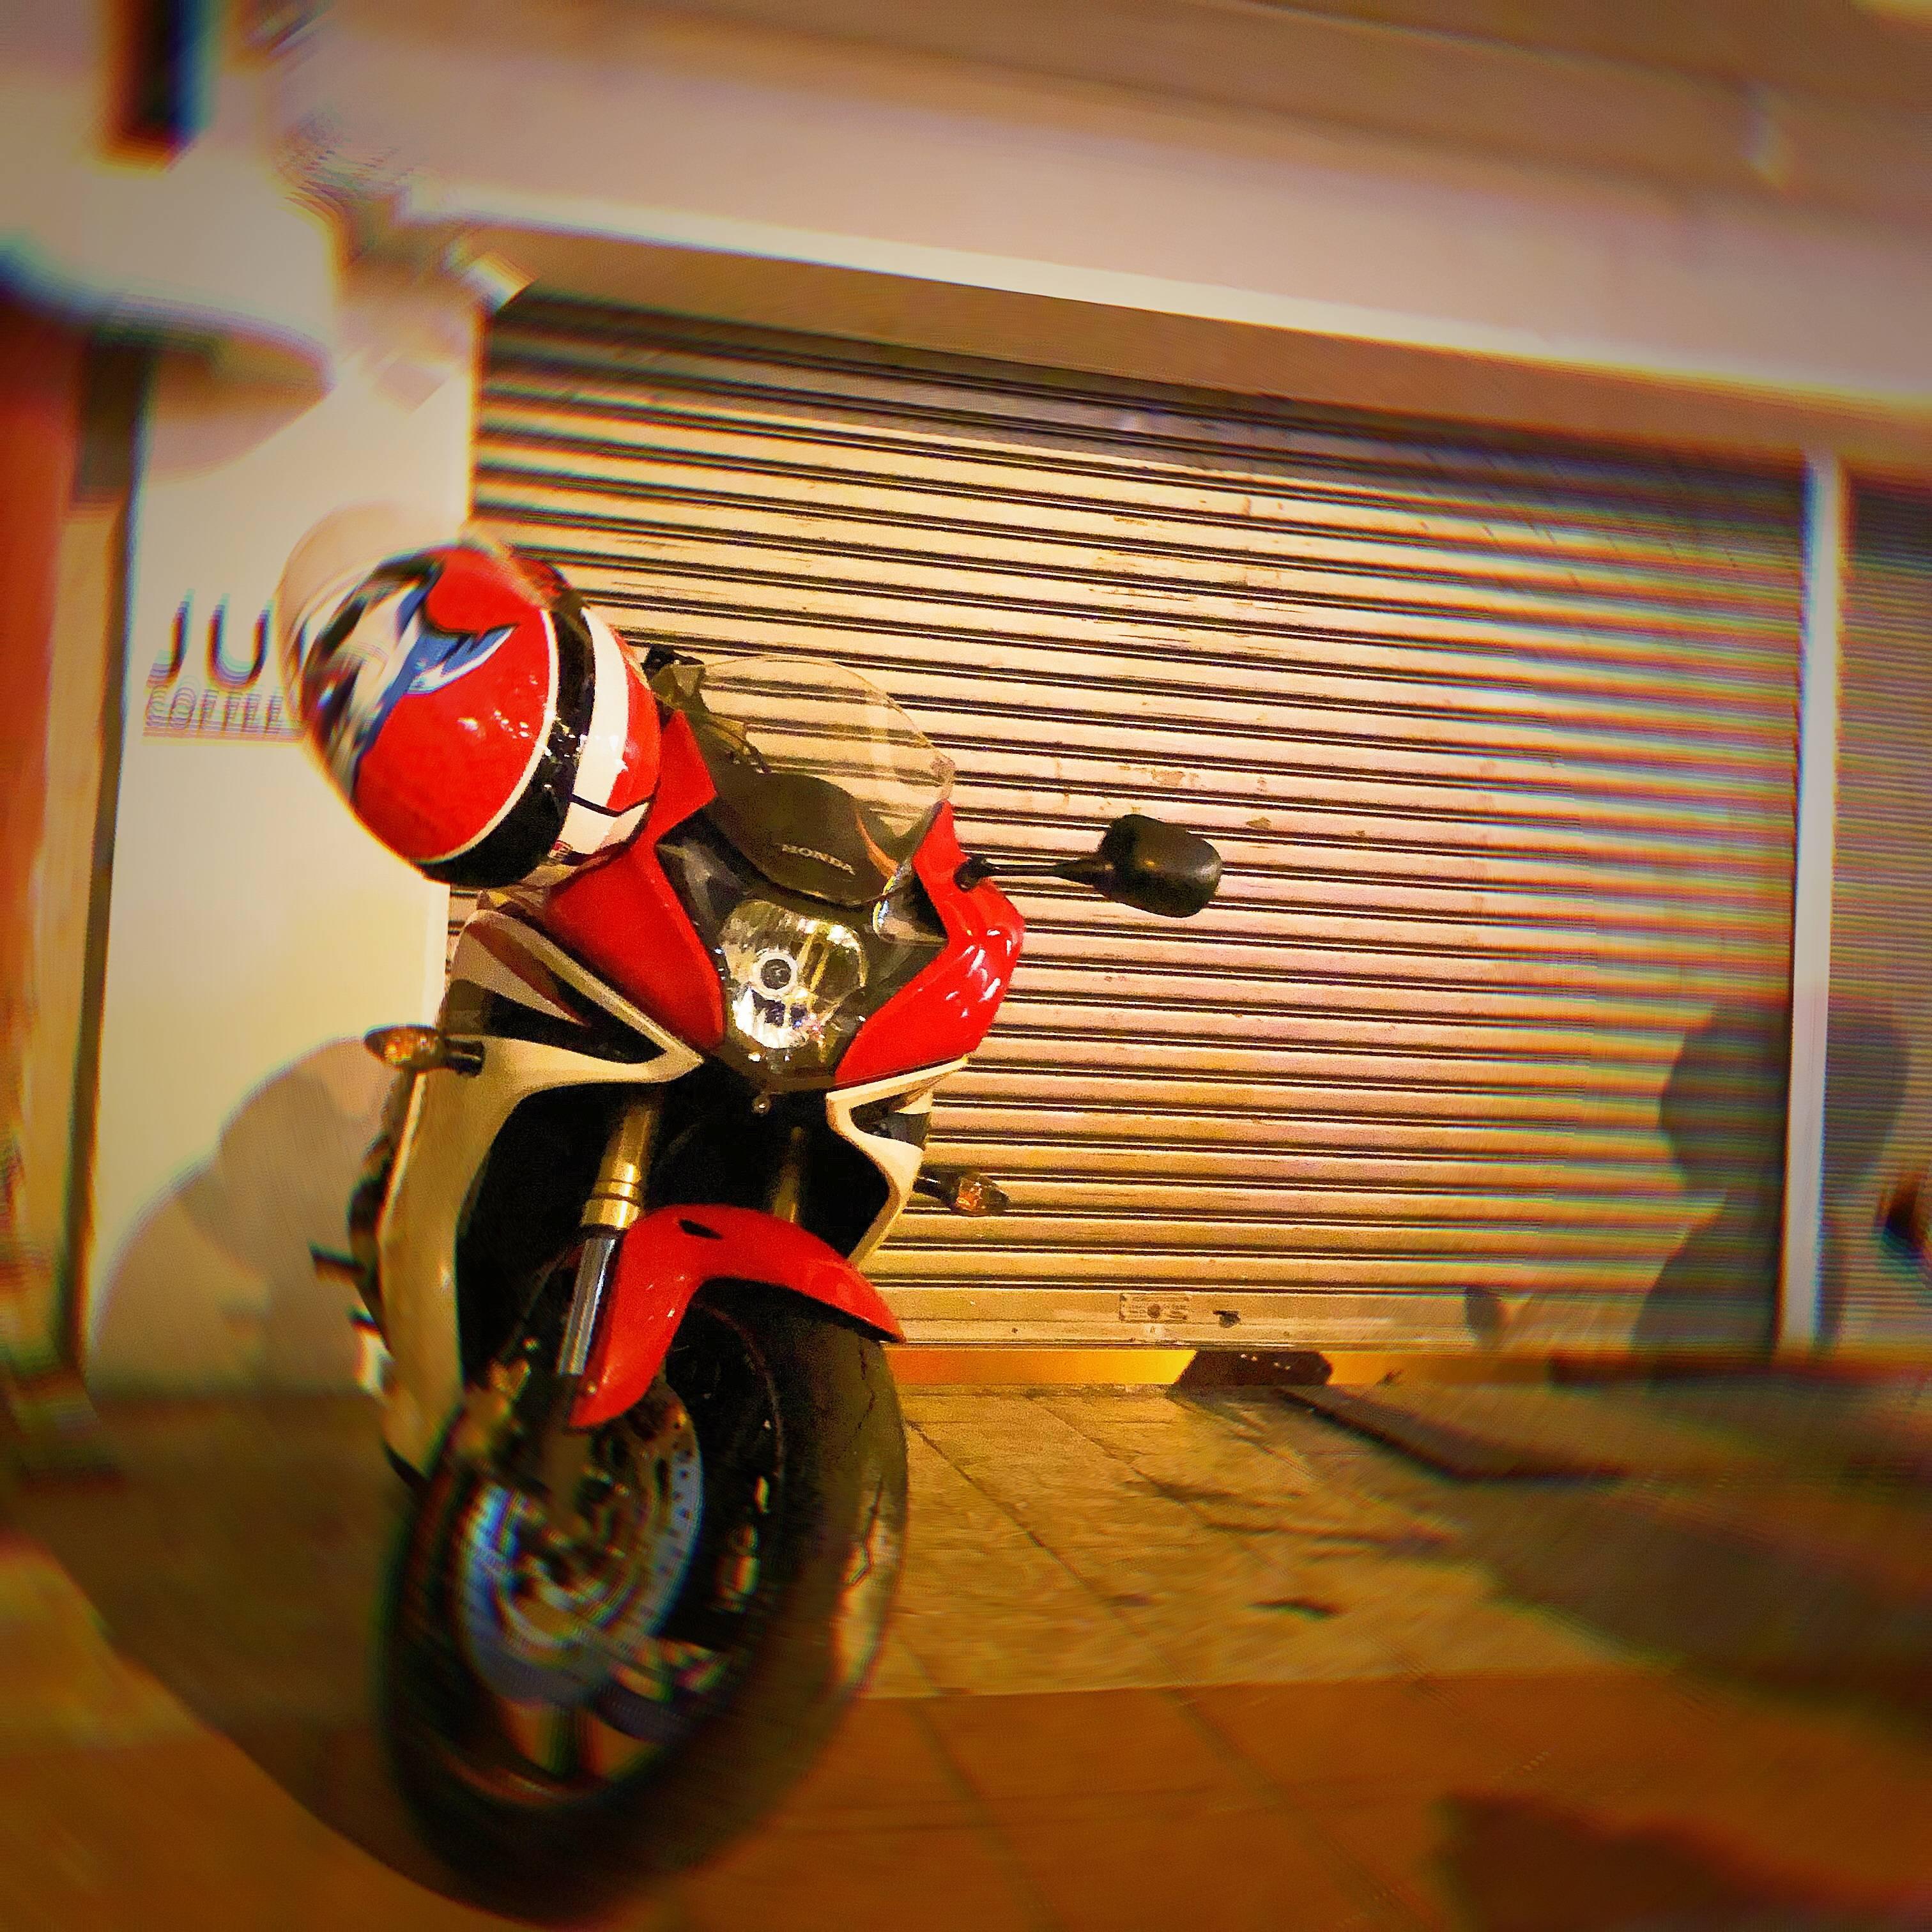 【個人自售】 HONDA CBR600 二手車 2013年 - 「Webike摩托車市」